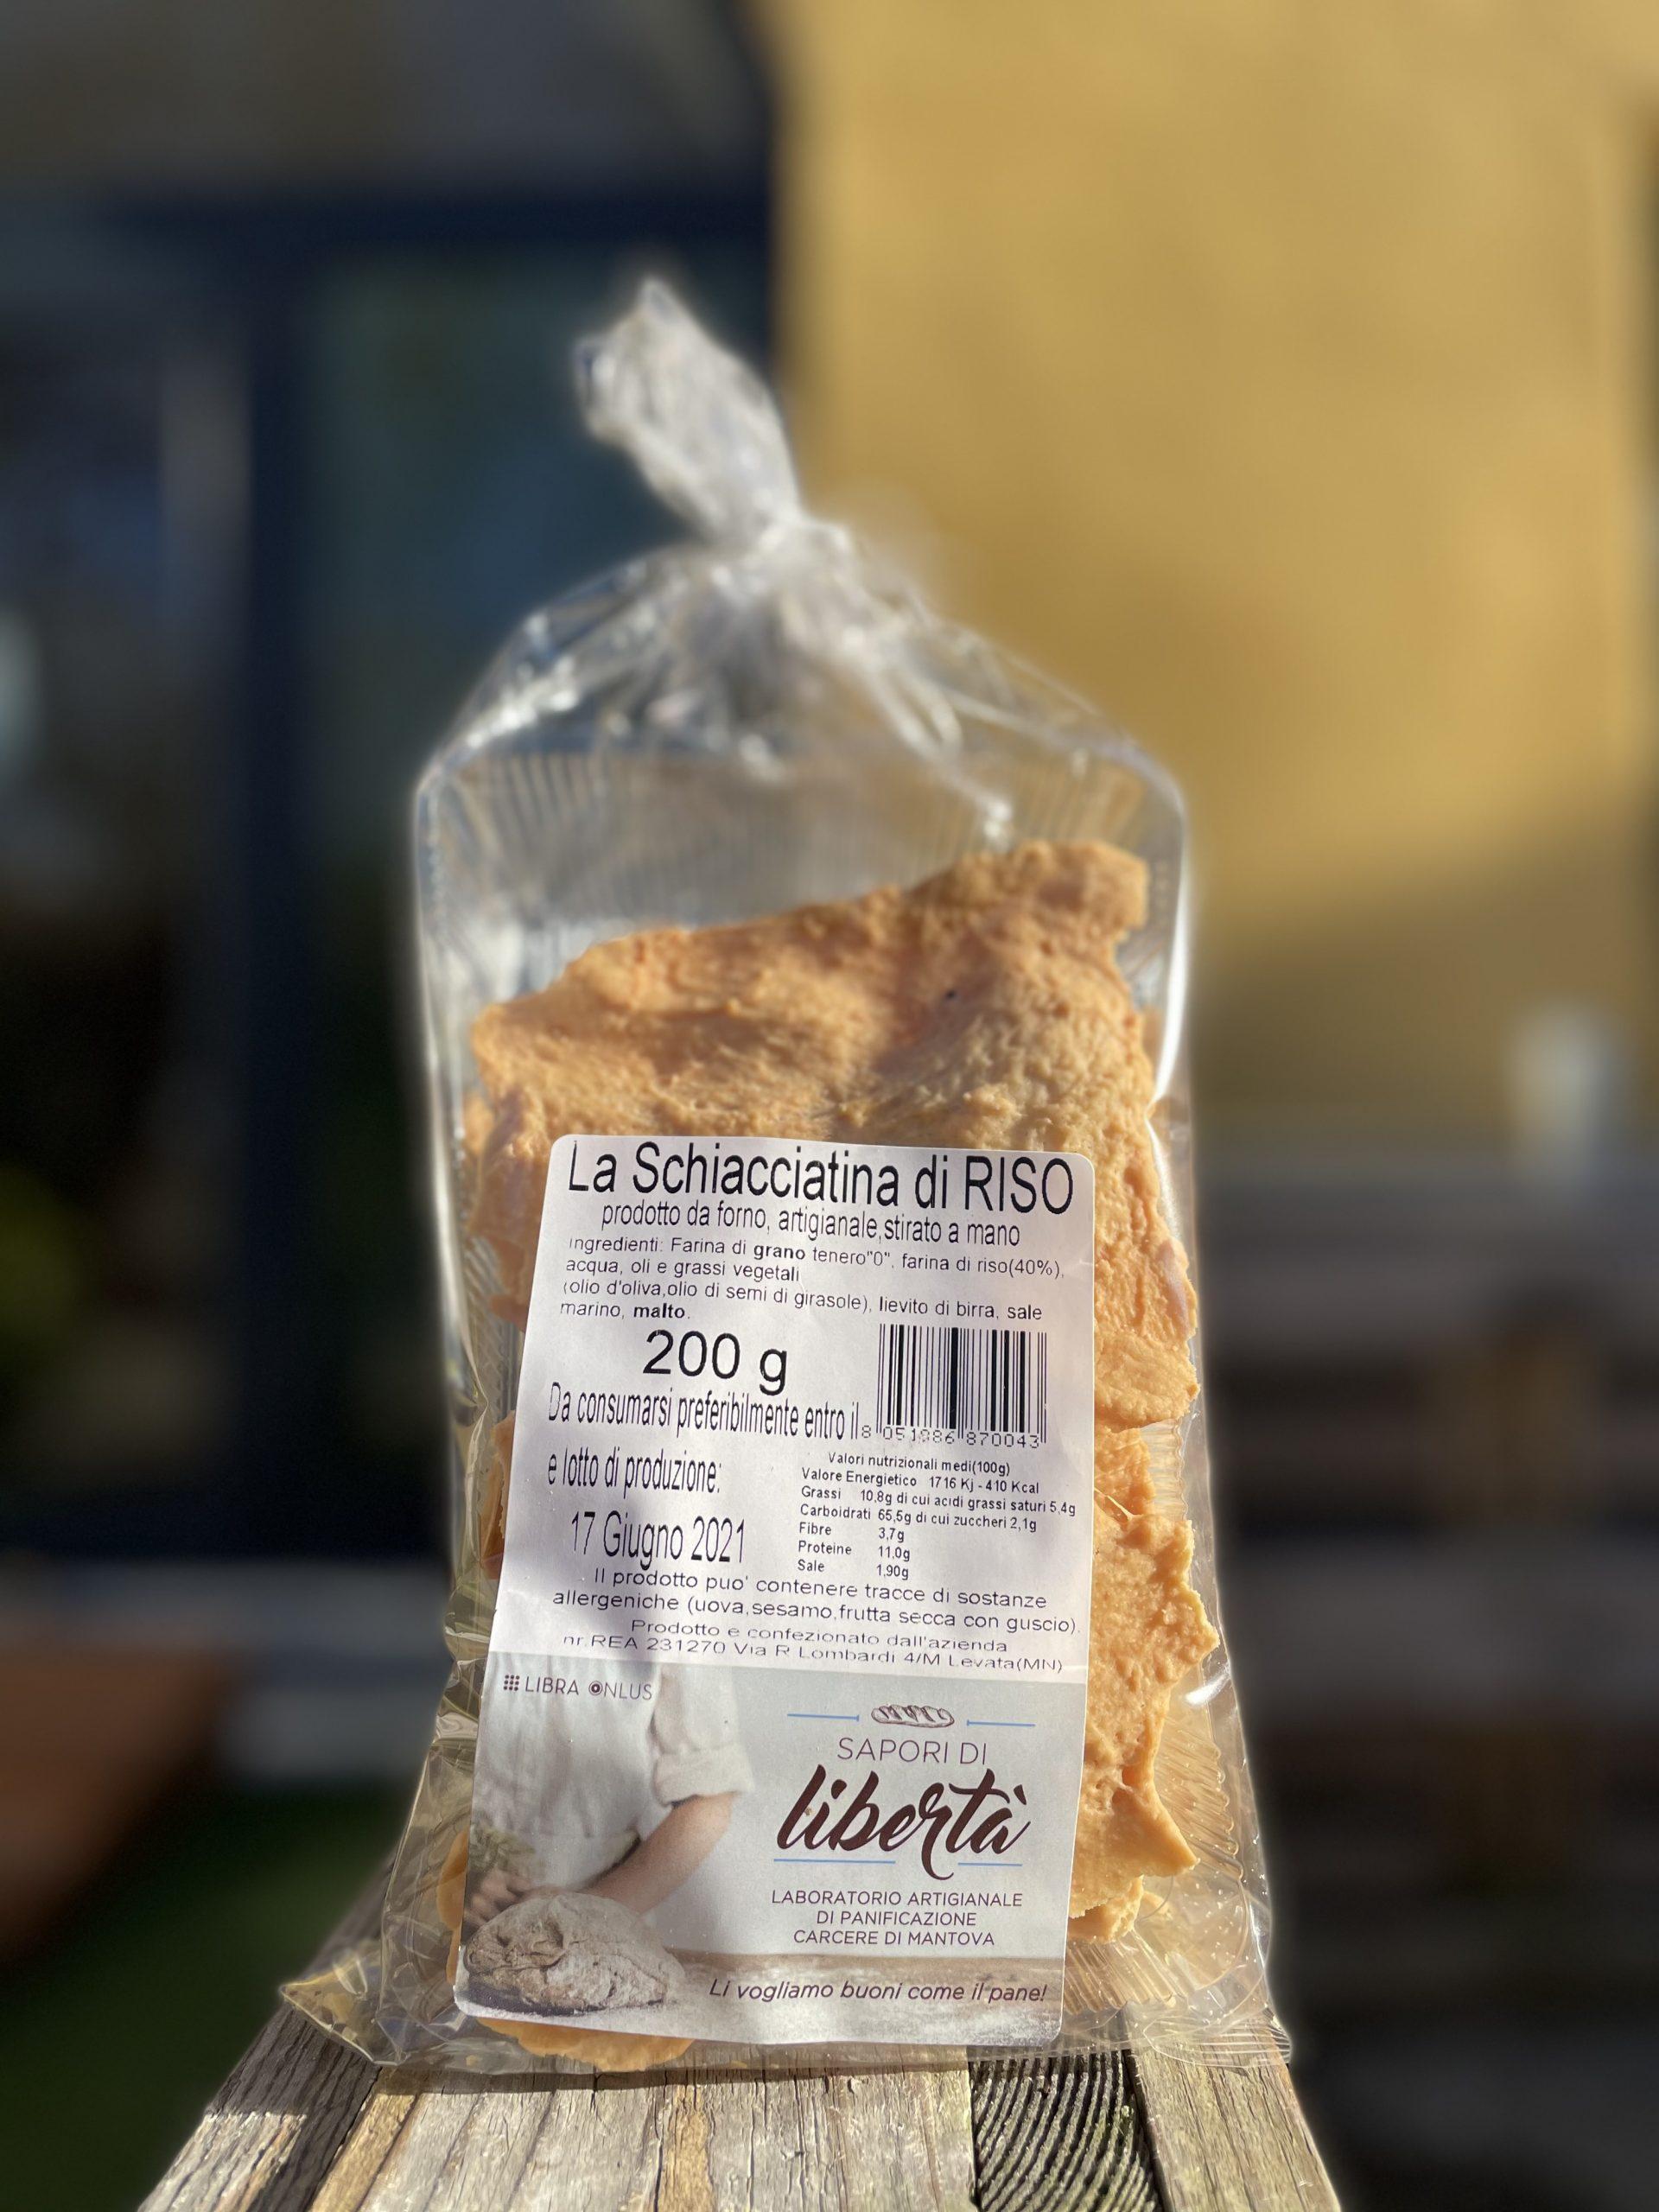 Schiacciatina di riso – Sapori di Libertà